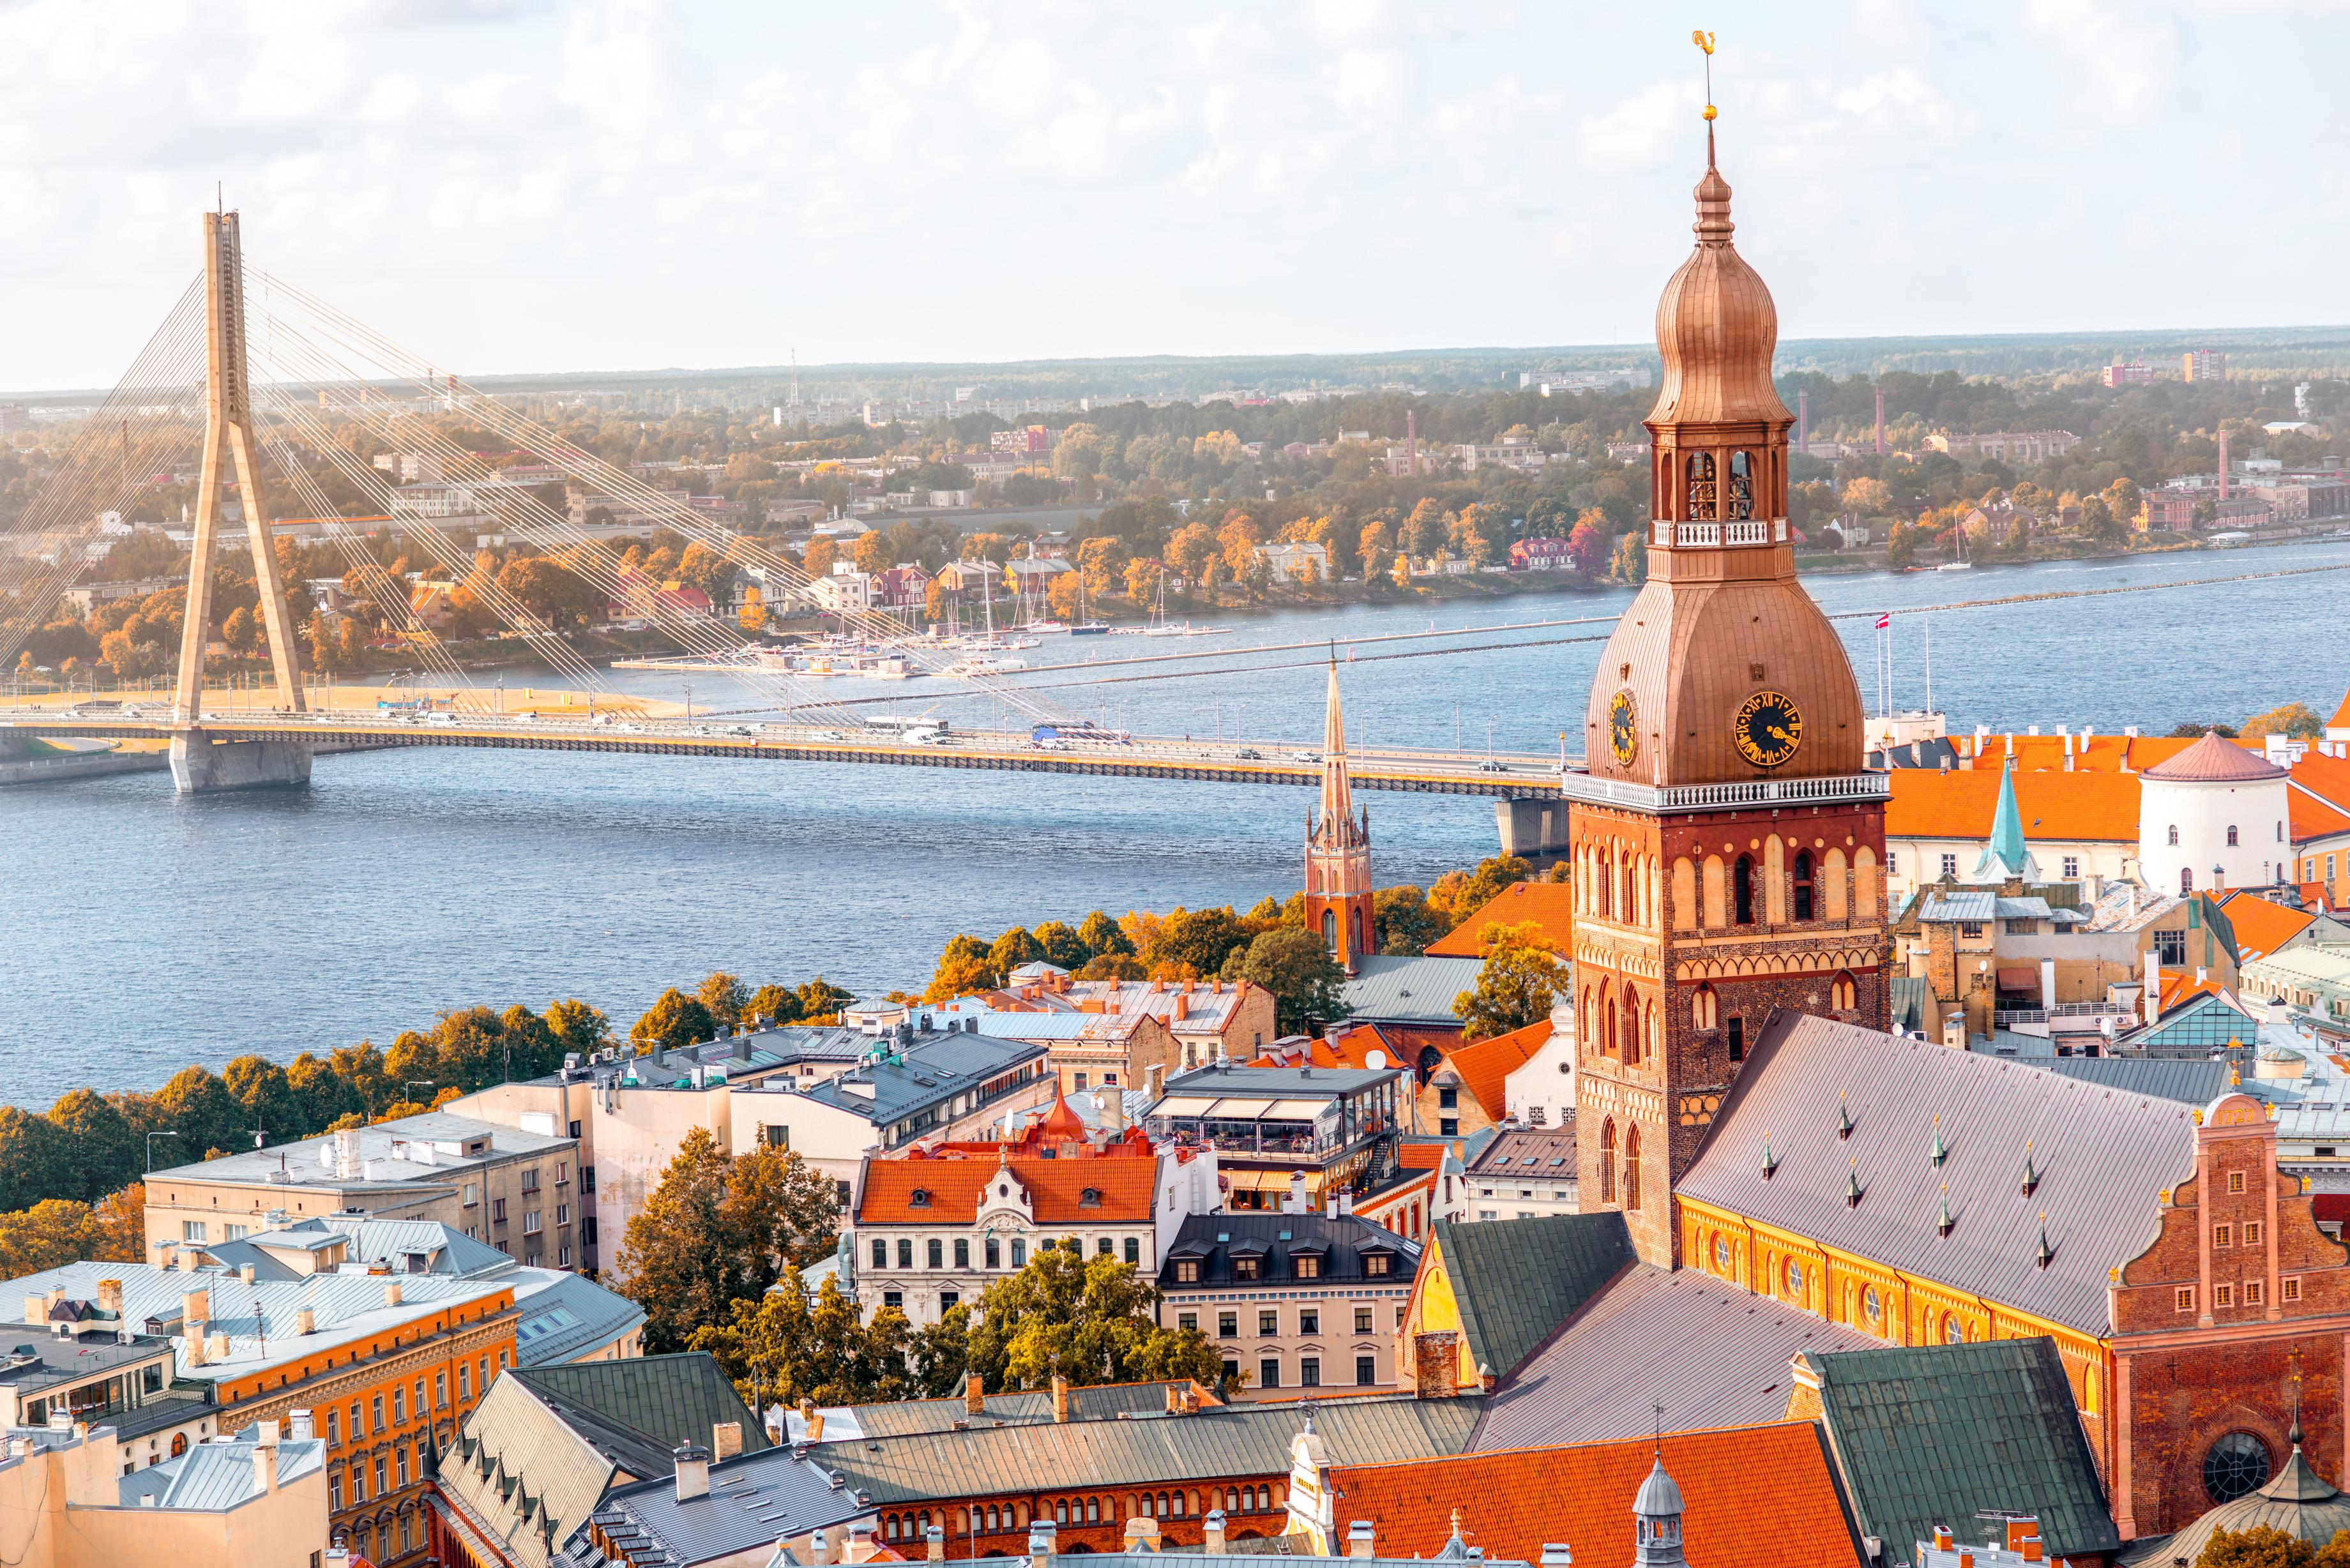 Рига, столица Латвии, ПМЖ которой могут получить иностранцы